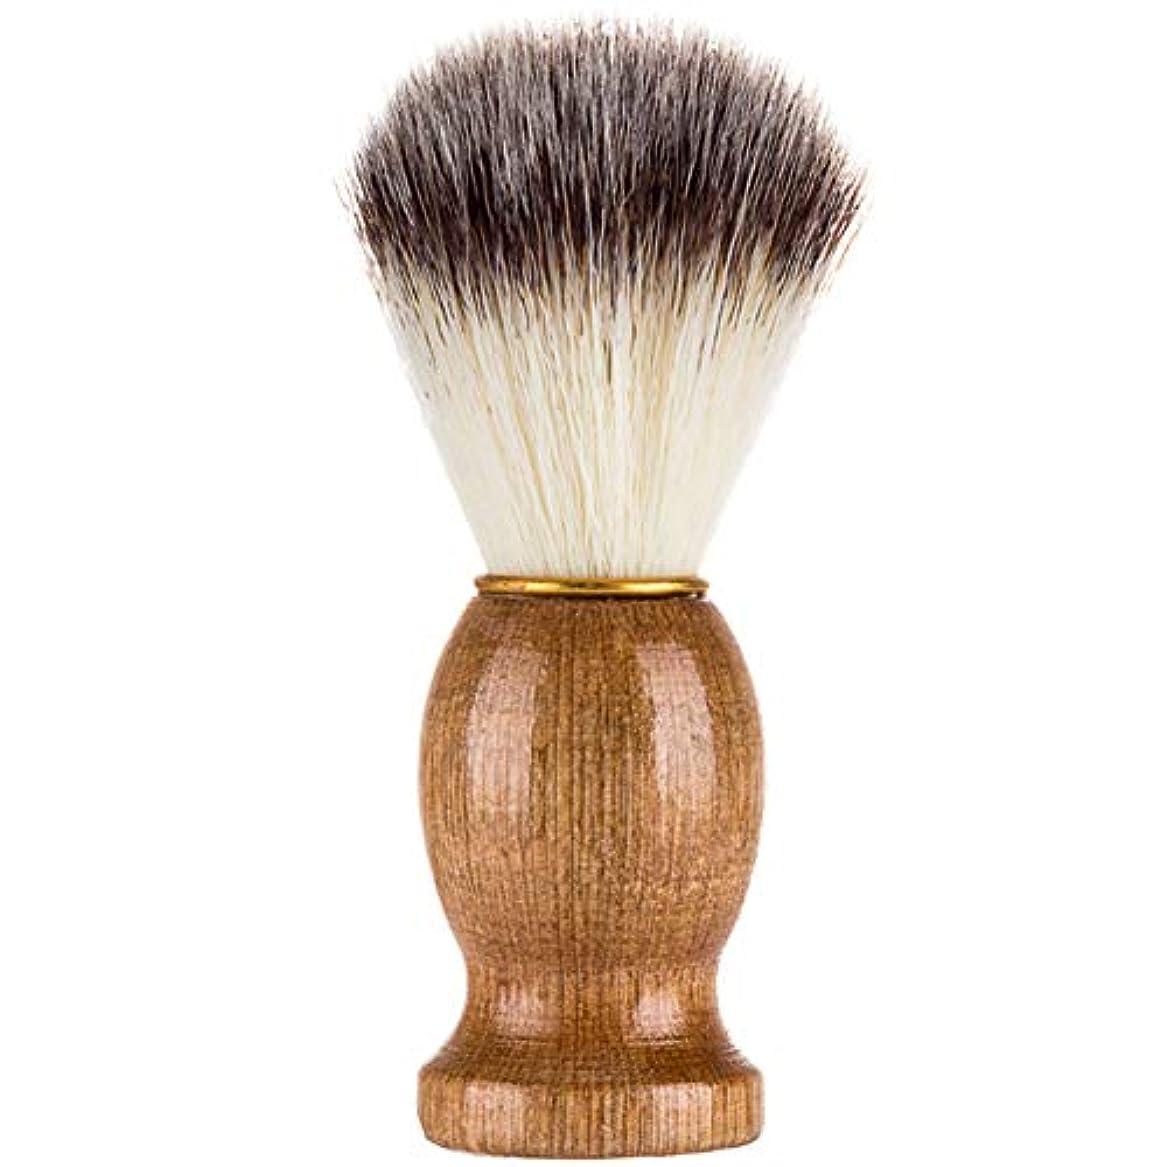 枯れる放射能敵Tenflyer シェービングブラシ、シェービングブラシ、男性シェービングブラシシェービングかみそりブラシサロン理髪店用ツールひげ剃り用品